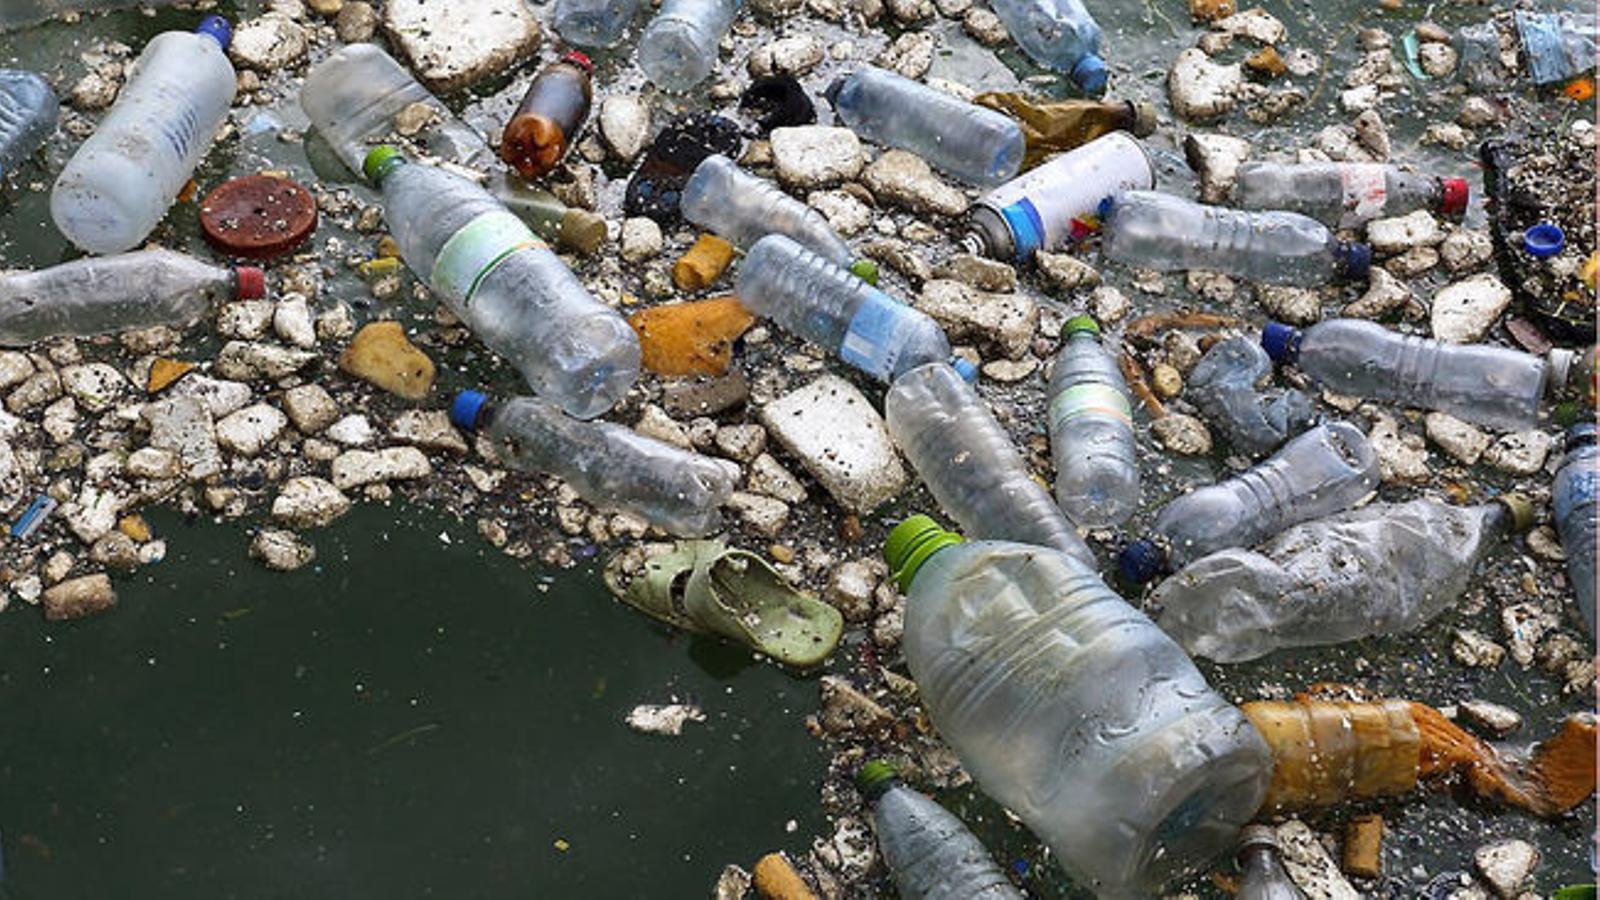 Projecte BlueIslands ha recollit i analitzat escombraries a les platges de nou illes mediterrànies aquest estiu a la imatge trossos de plàstic recollits en diferents platges